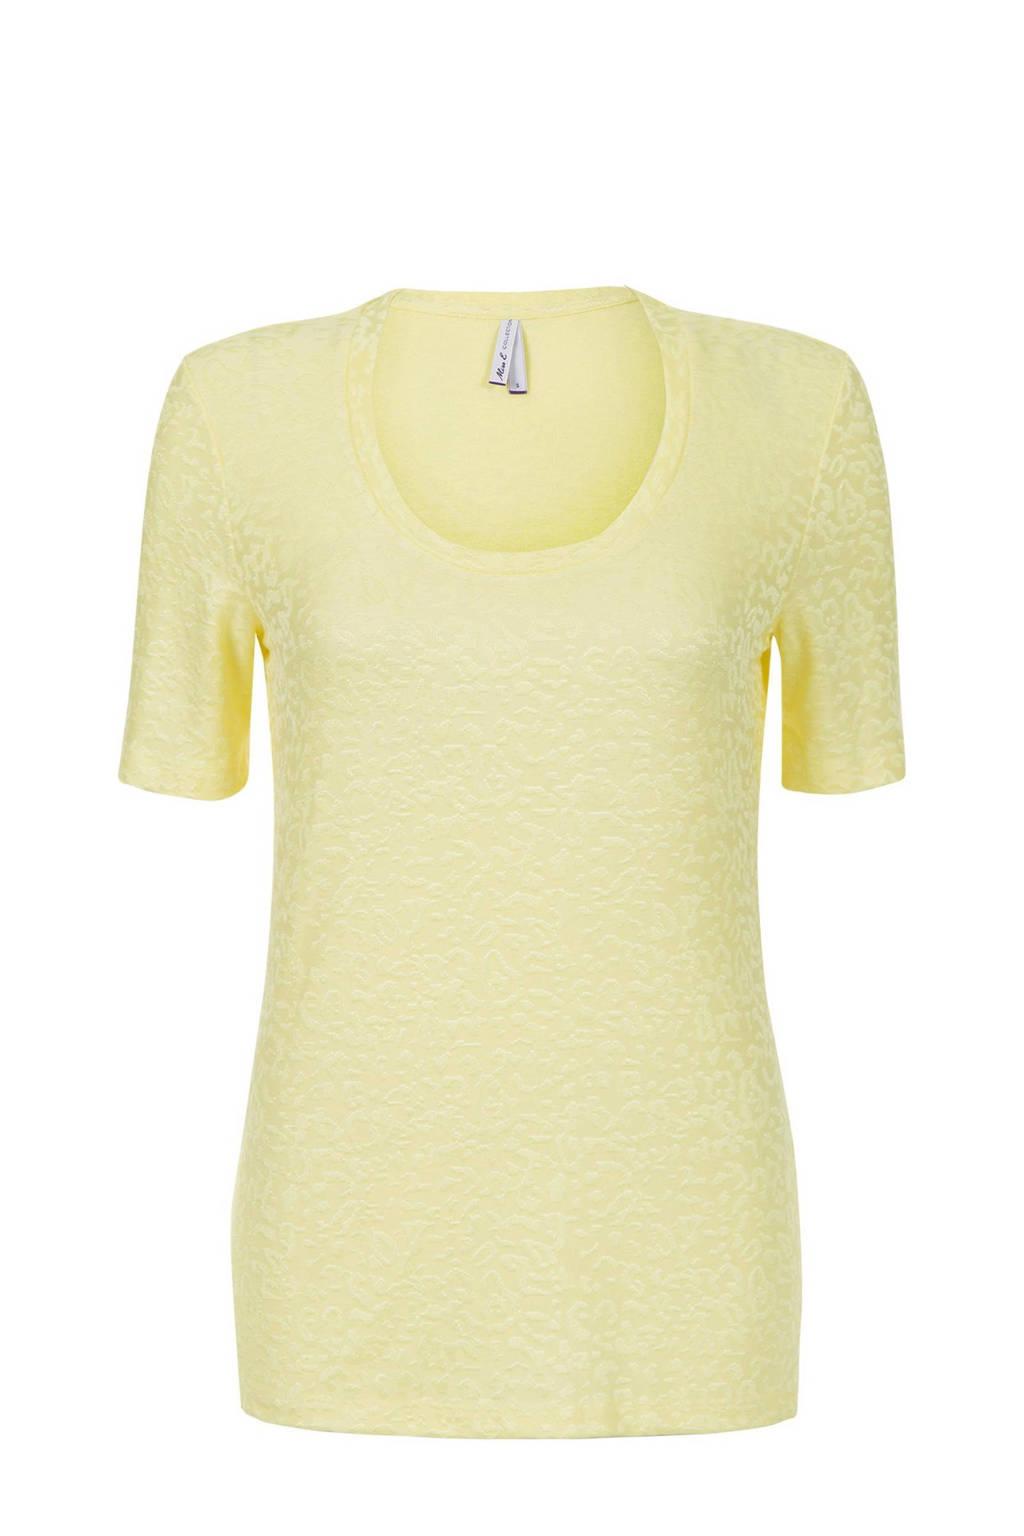 Miss Etam Regulier T-shirt met jacquard geel, Geel